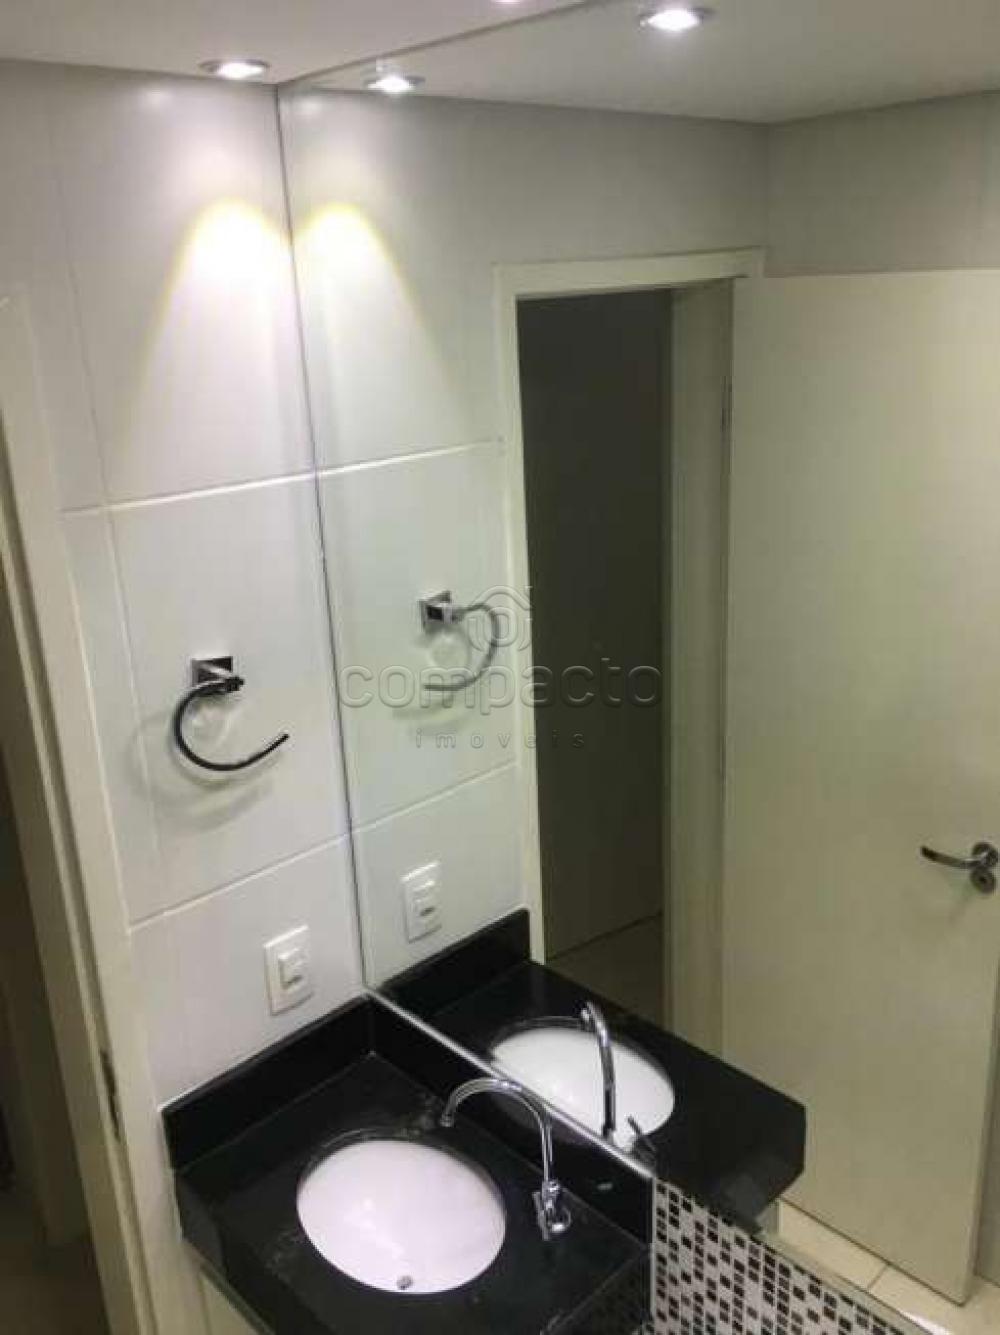 Comprar Apartamento / Padrão em São José do Rio Preto apenas R$ 190.000,00 - Foto 8